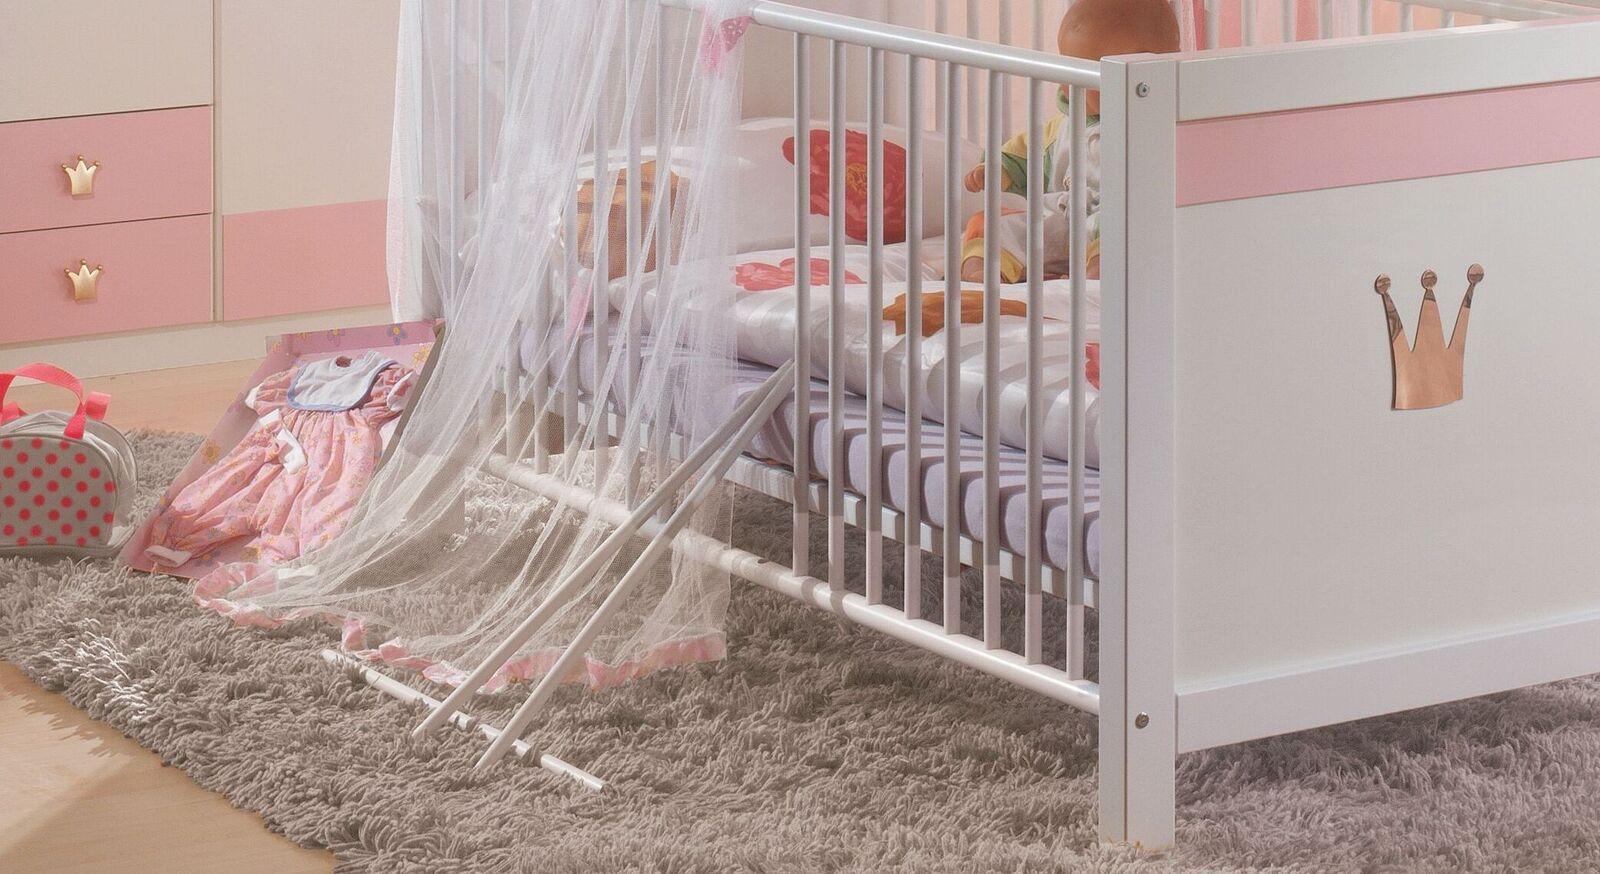 Babybett Embala mit praktischen Schlupfsprossen